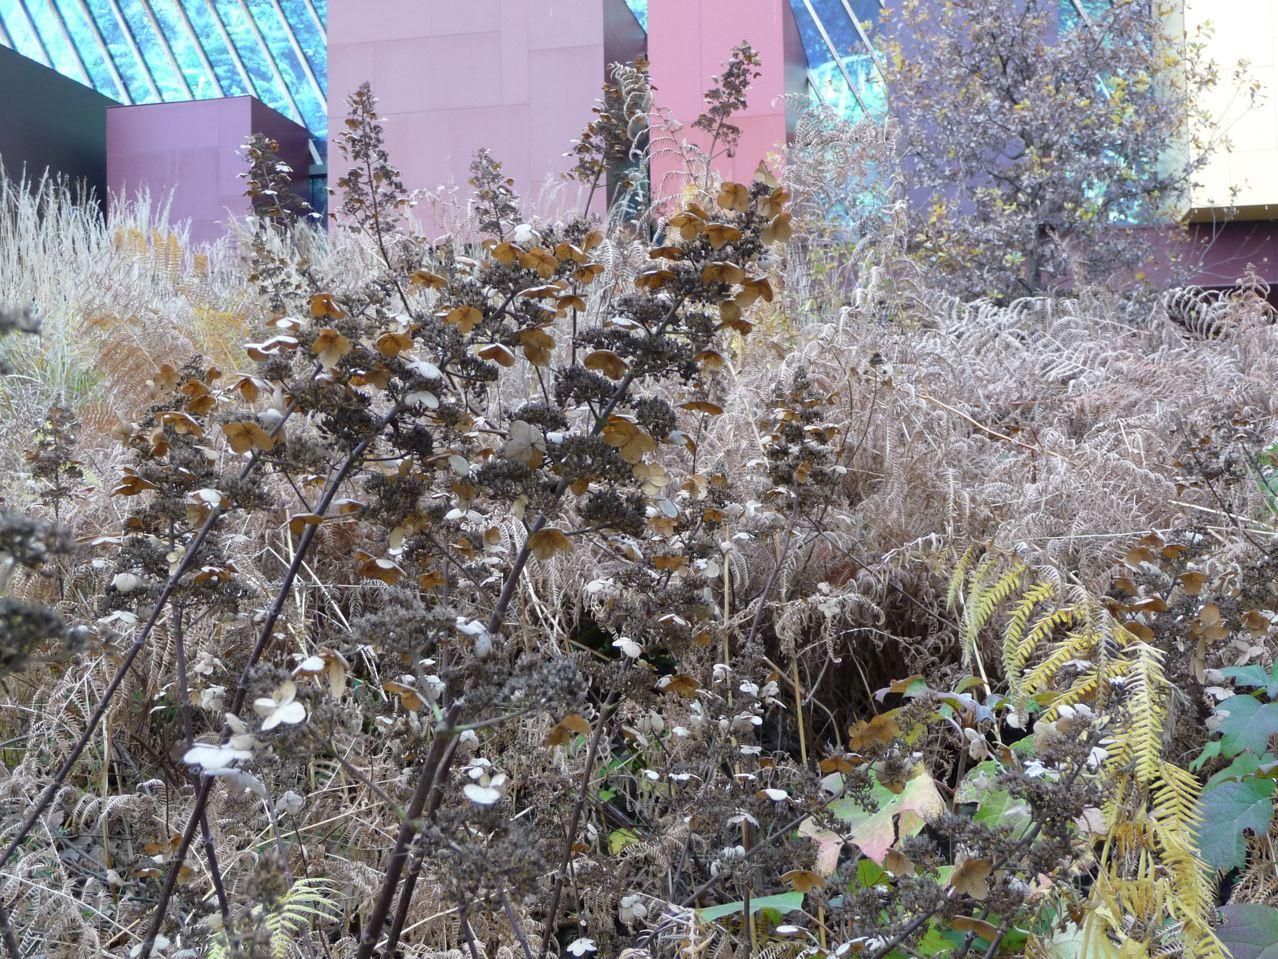 Panicules de fleurs séchées d'un hydrangéa paniculé (Hydrangea paniculata), jardin du Musée du quai Branly (Paris 7ème), décembre 2009, photo Alain Delavie